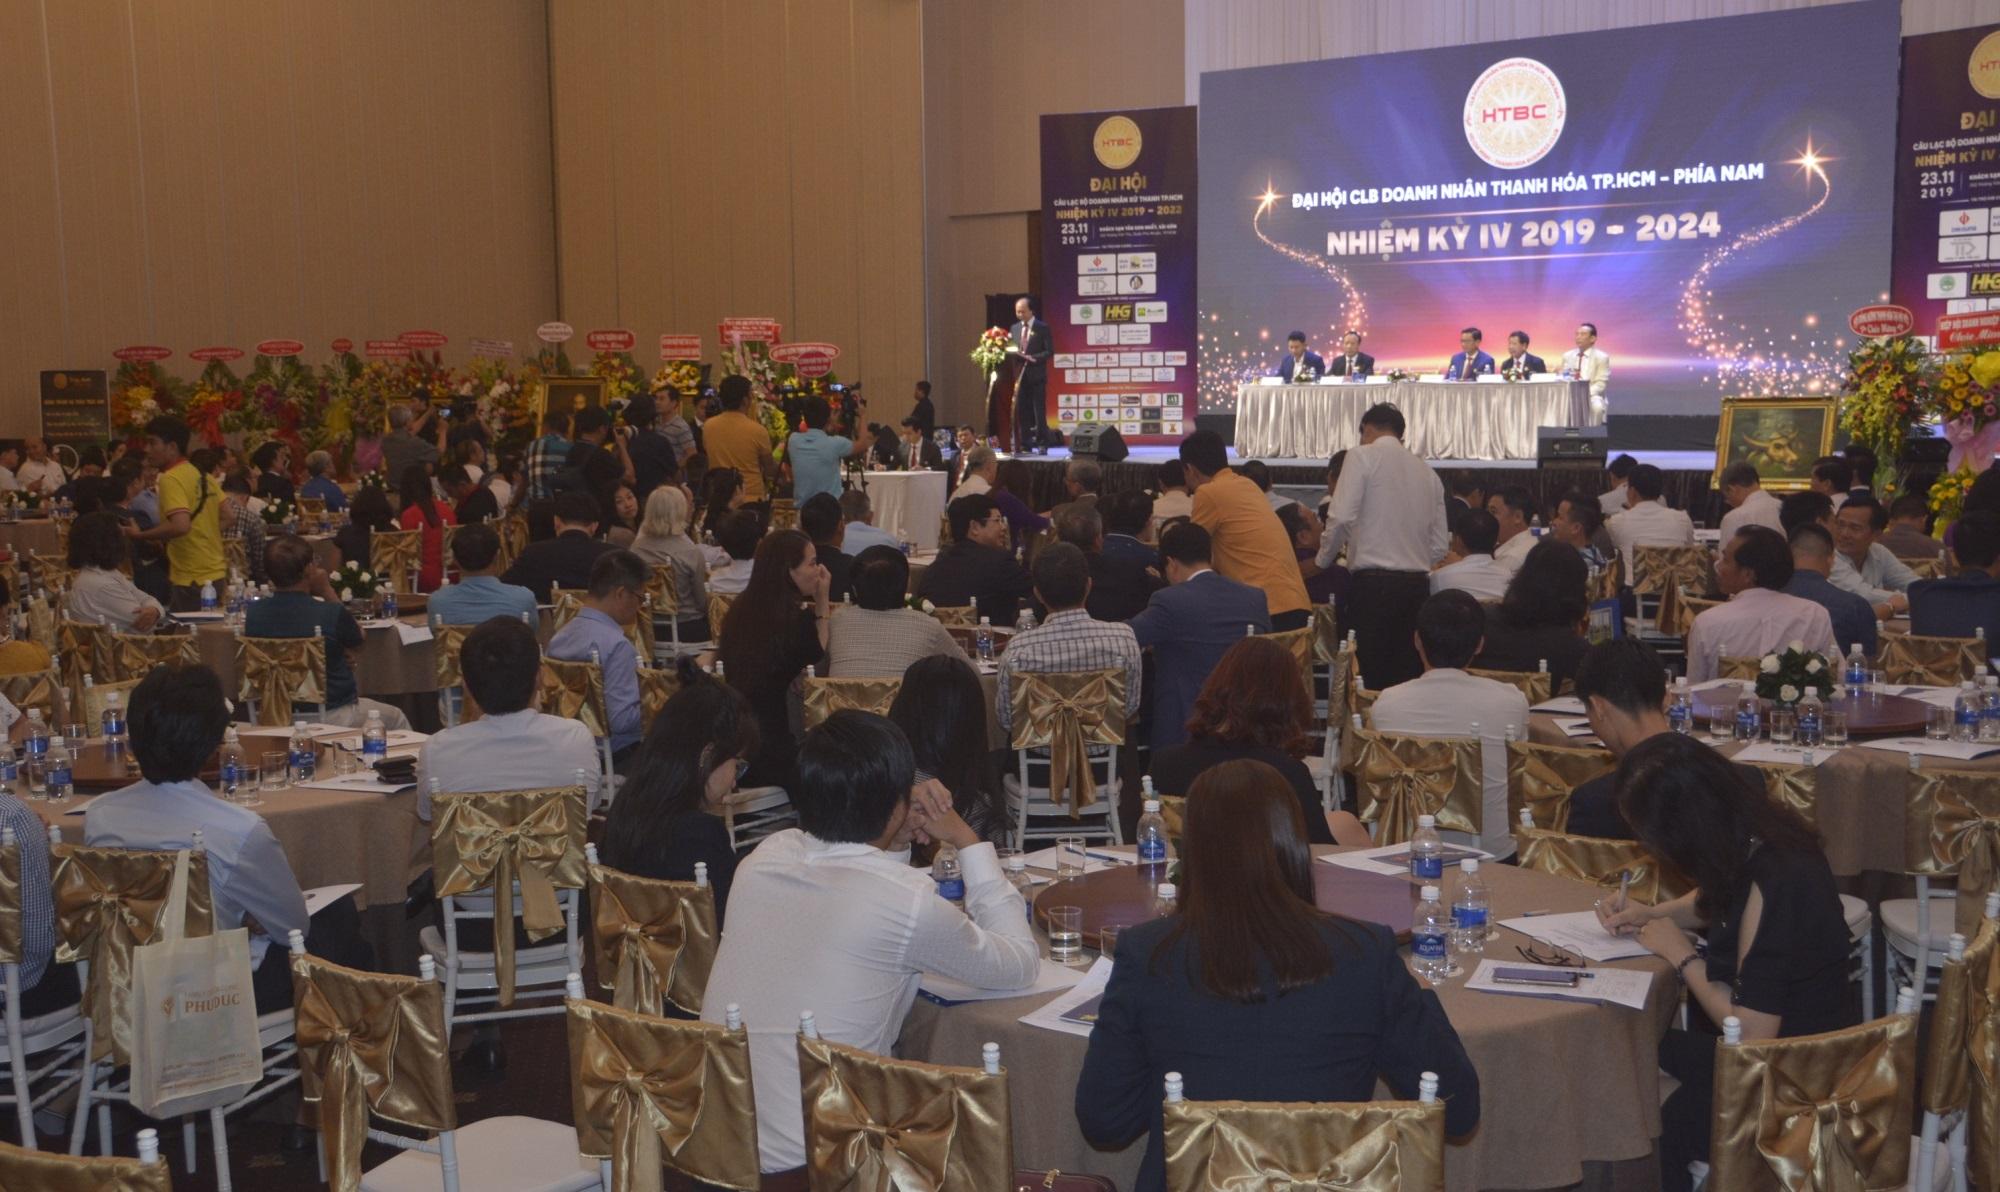 Câu lạc bộ Doanh nhân Thanh Hoá tại TP.HCM kỷ niệm 10 năm thành lập và ra mắt Ban chấp hành mới - Ảnh 1